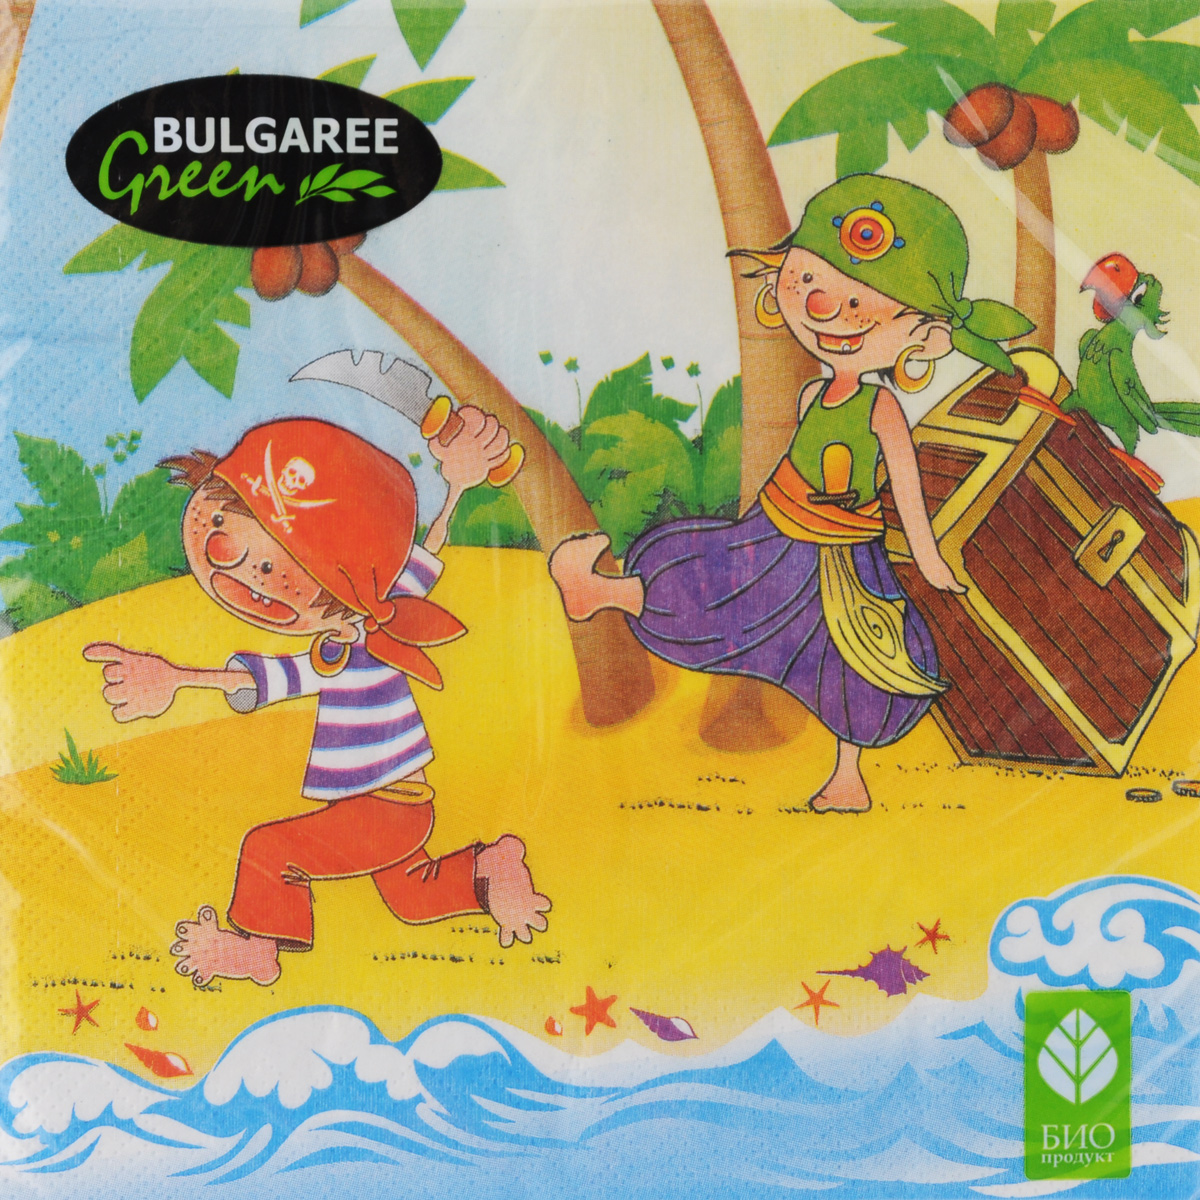 Салфетки бумажные Bulgaree Green Пираты, трехслойные, 33 х 33 см, 20 шт1003341Декоративные трехслойные салфетки Bulgaree Green Пиратывыполнены из 100%целлюлозы европейского качества и оформлены ярким рисунком. Изделиястанут отличнымдополнением любого праздничного стола. Они отличаются необычноймягкостью,прочностью и оригинальностью.Размер салфеток в развернутом виде: 33 х 33 см.